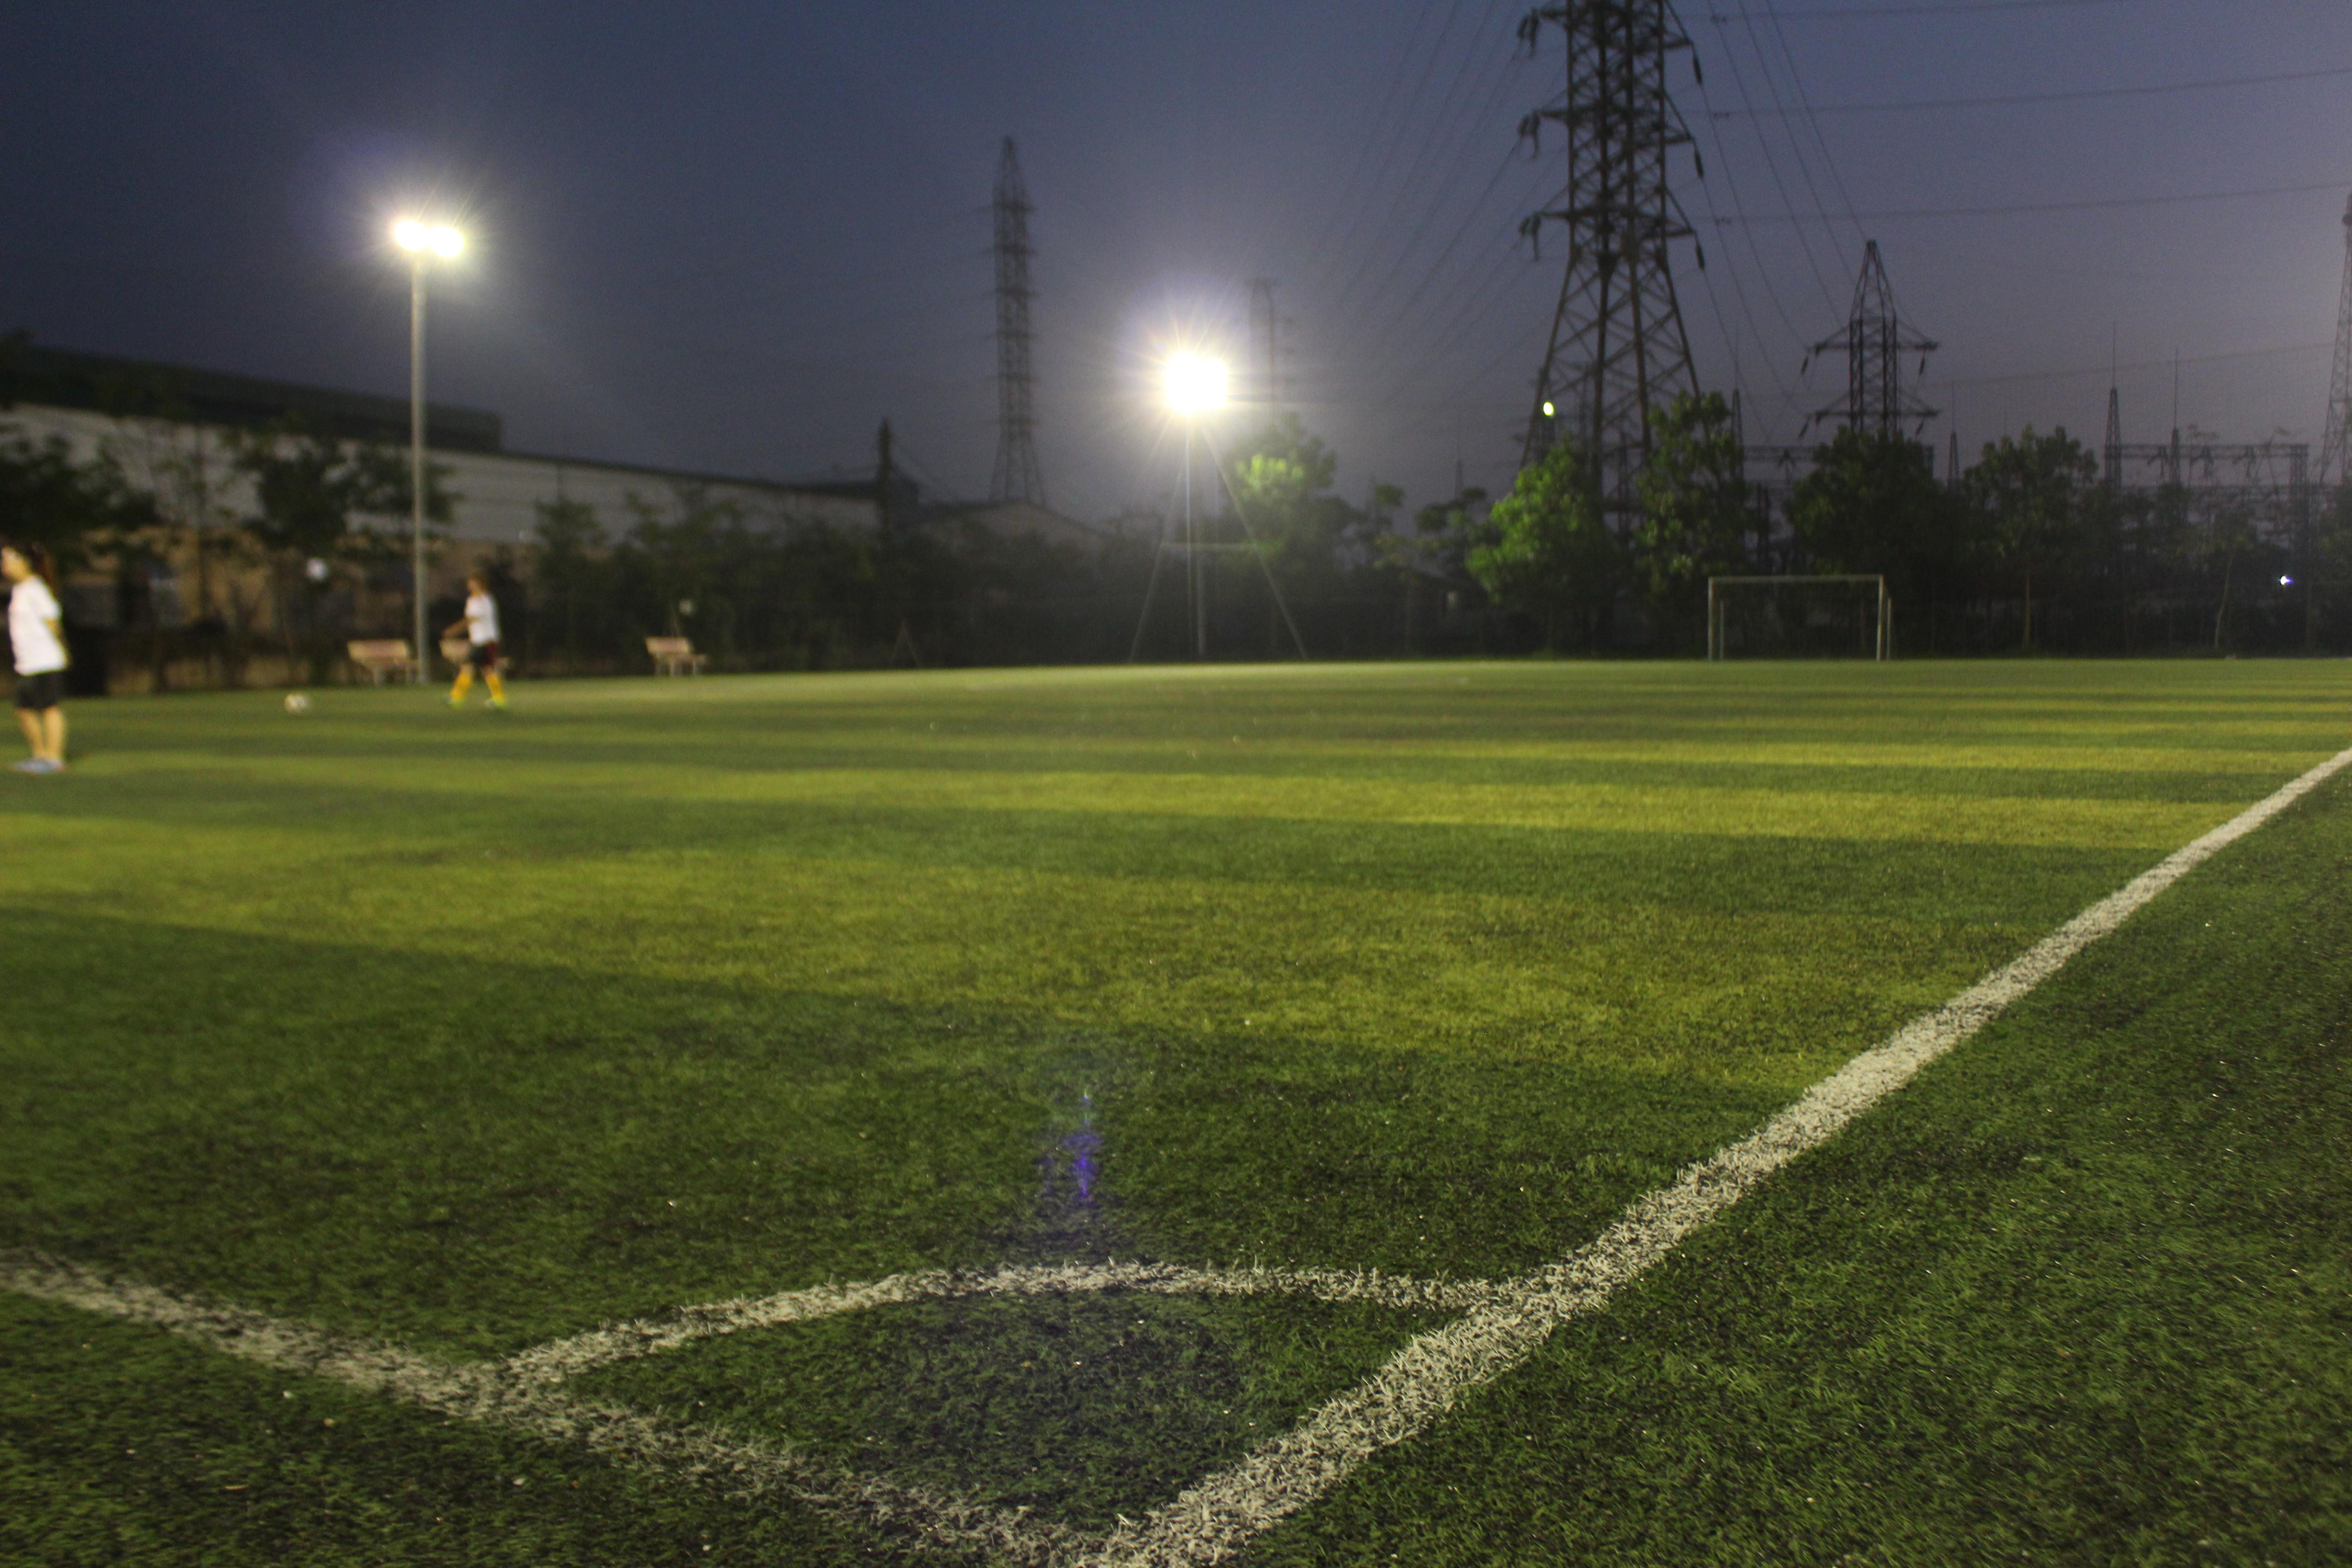 Bảo dưỡng sân bóng cỏ nhân tạo với máy Pportchamp tại Phố Nối, Hưng Yên 4